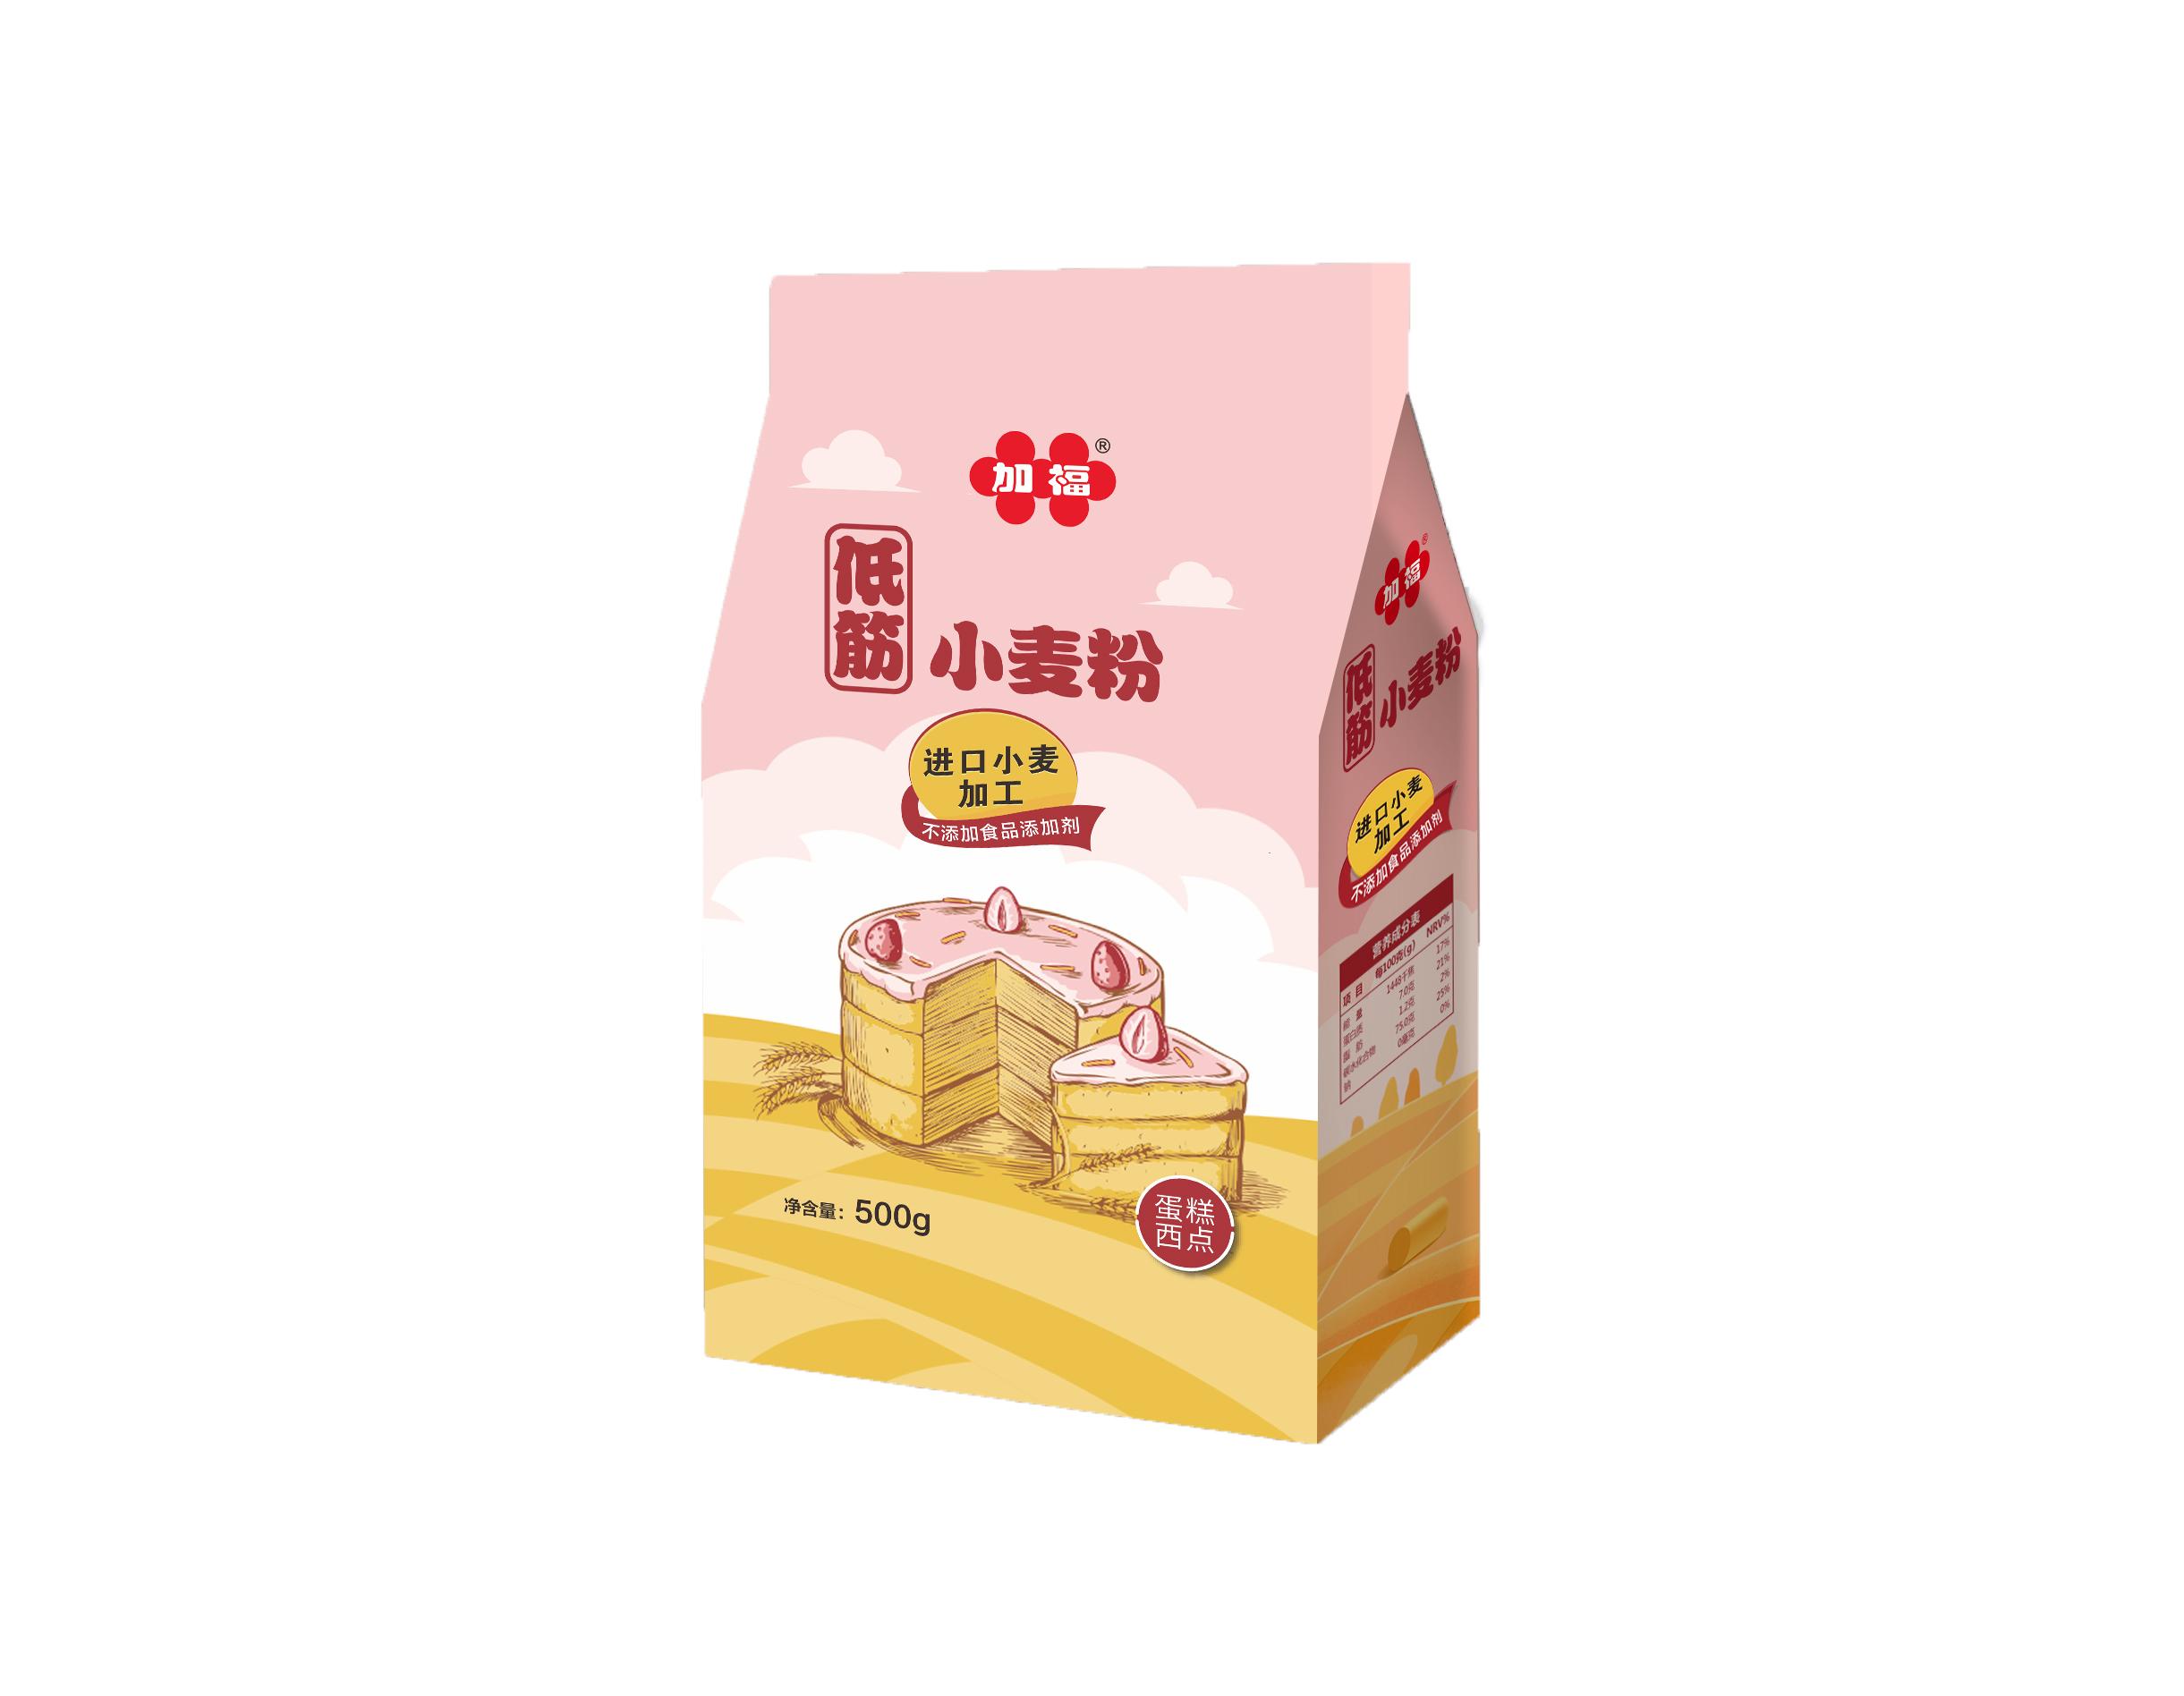 加福低筋小麦粉500g-效果图白底